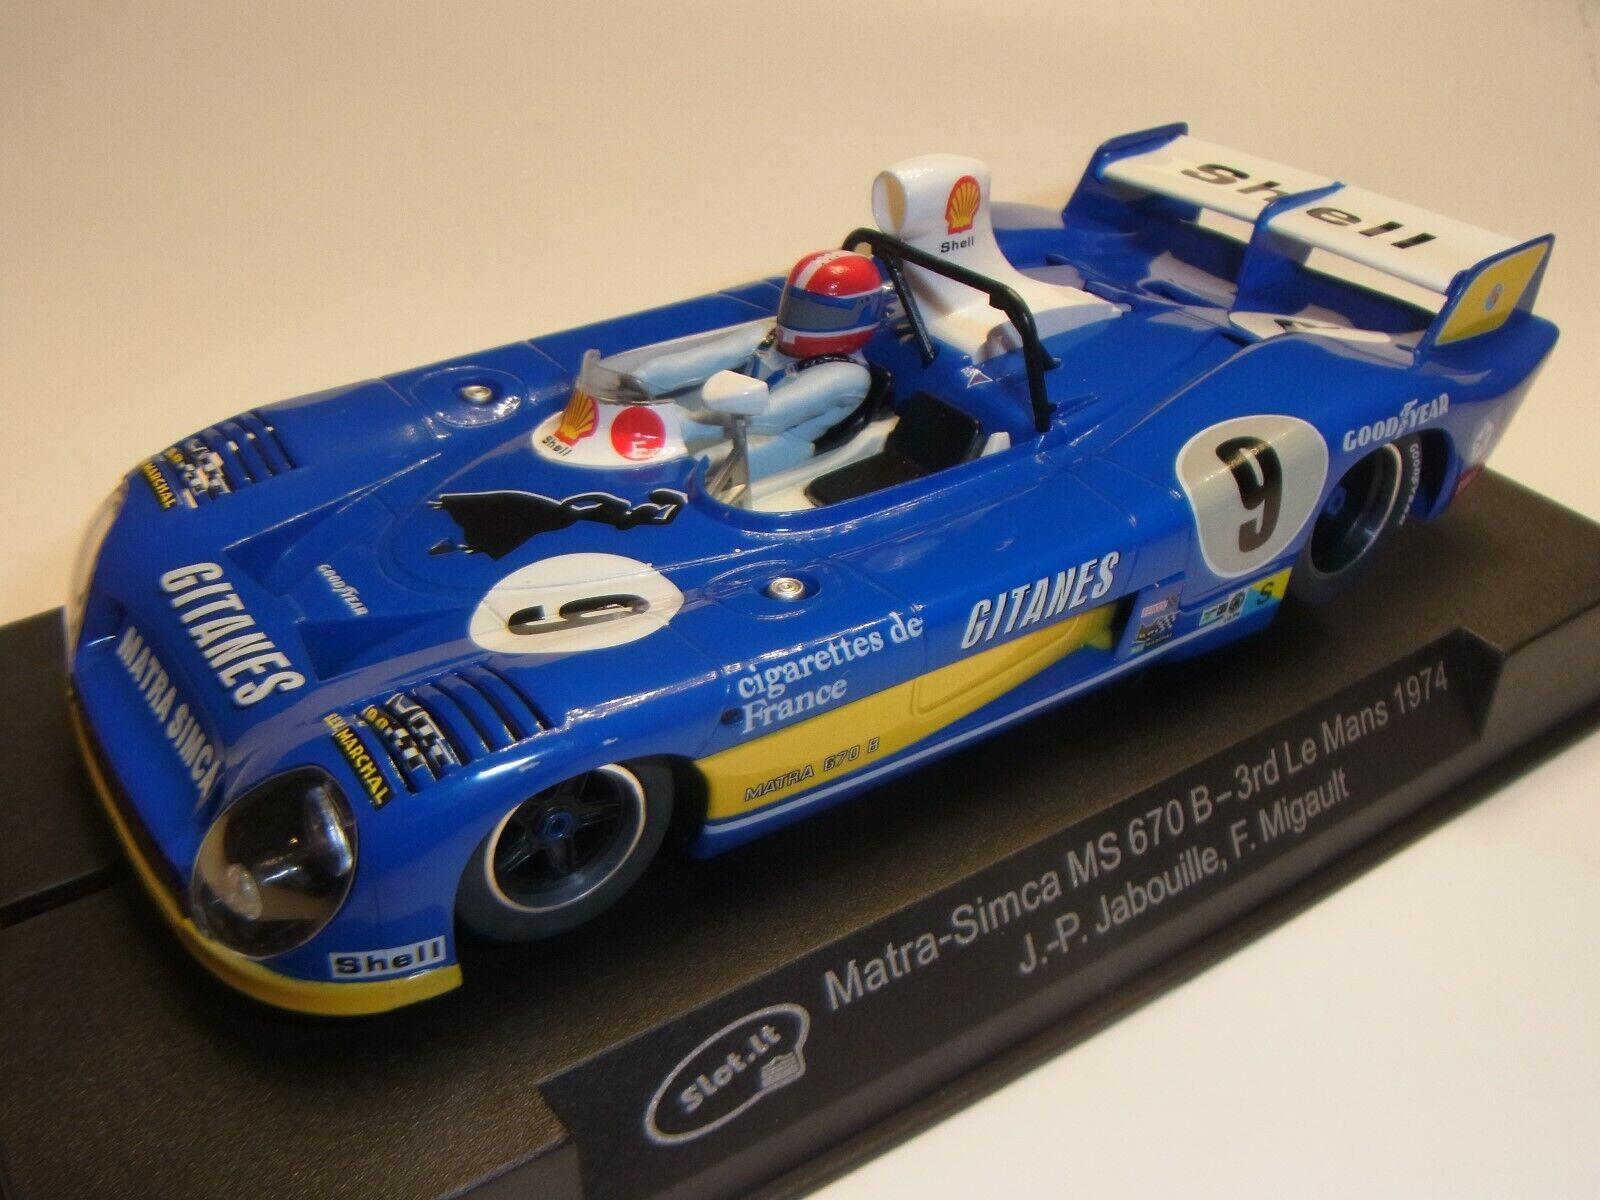 Slot  Matra-Simca Ms670b le Mans 1974  Sica27b per Pista Auto 1 3